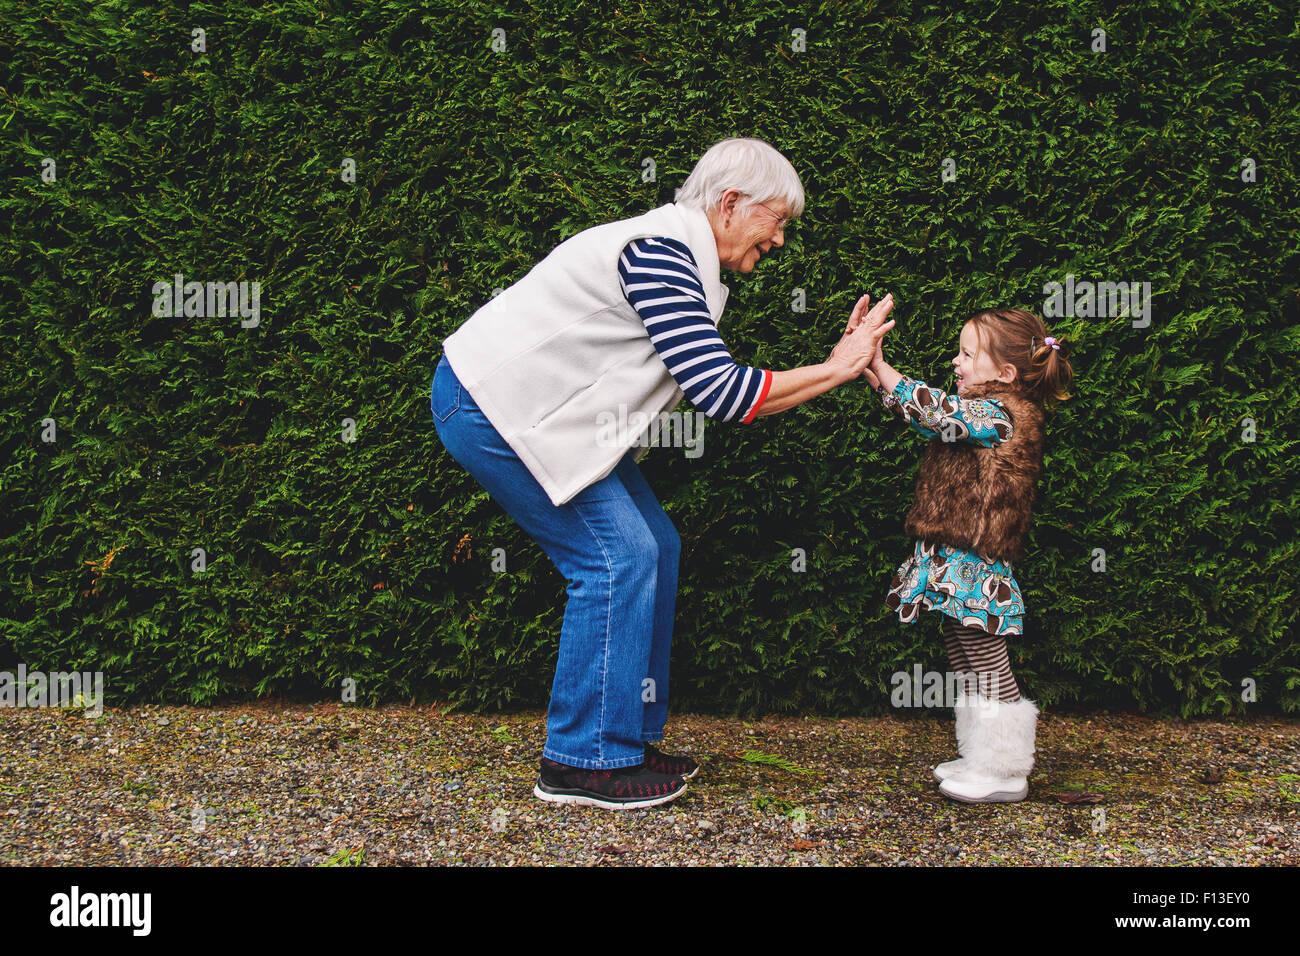 Niña jugando pat-a-cake con su abuela Imagen De Stock